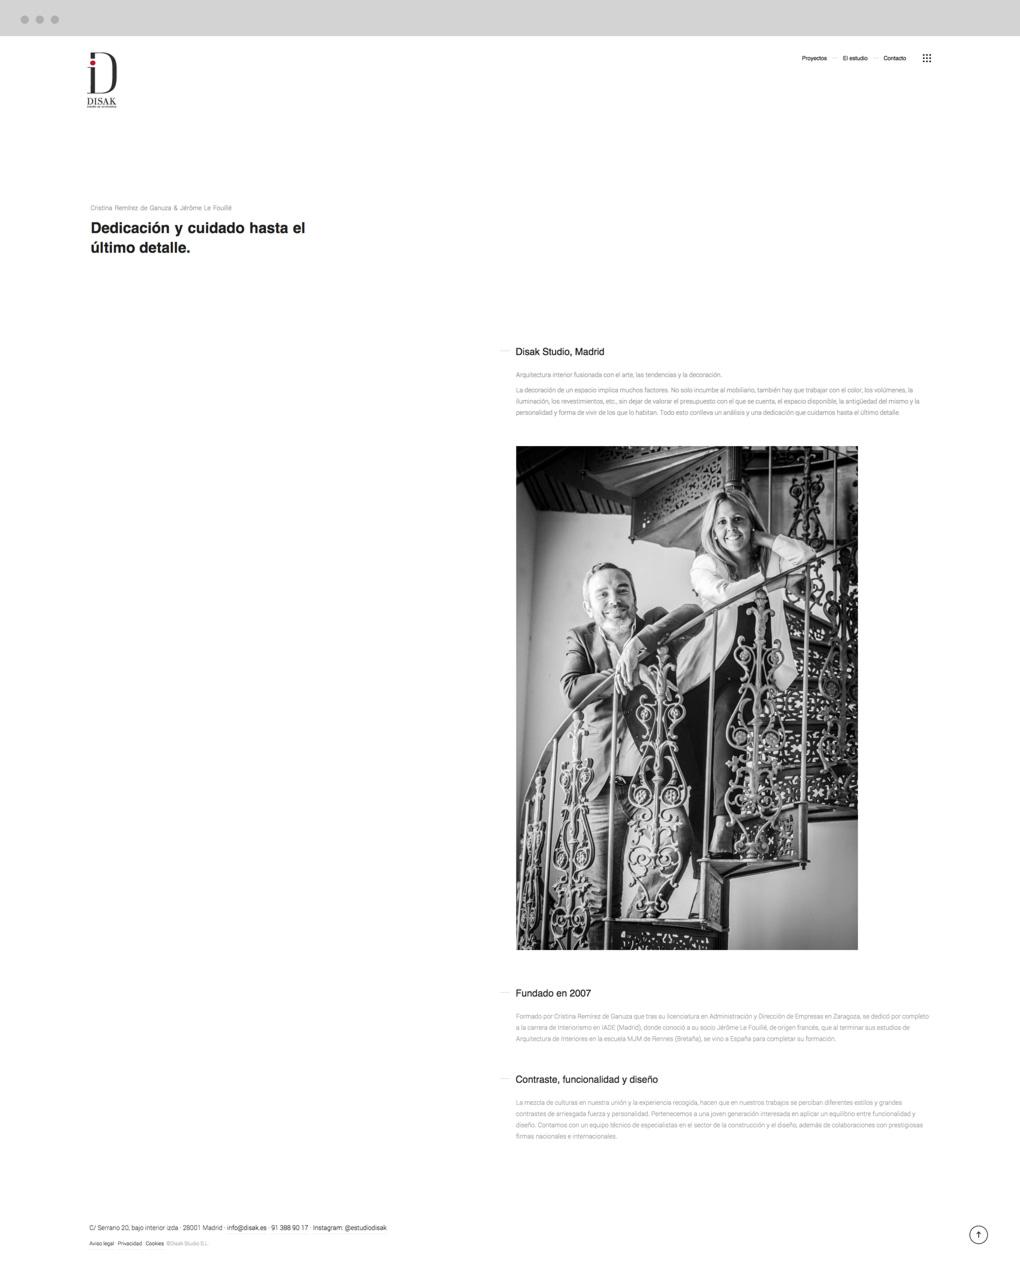 presentación de diseño y programacion de pagina web para Disak Estudio dedicado al diseno de interiores de lujo presentación de sección nosotros